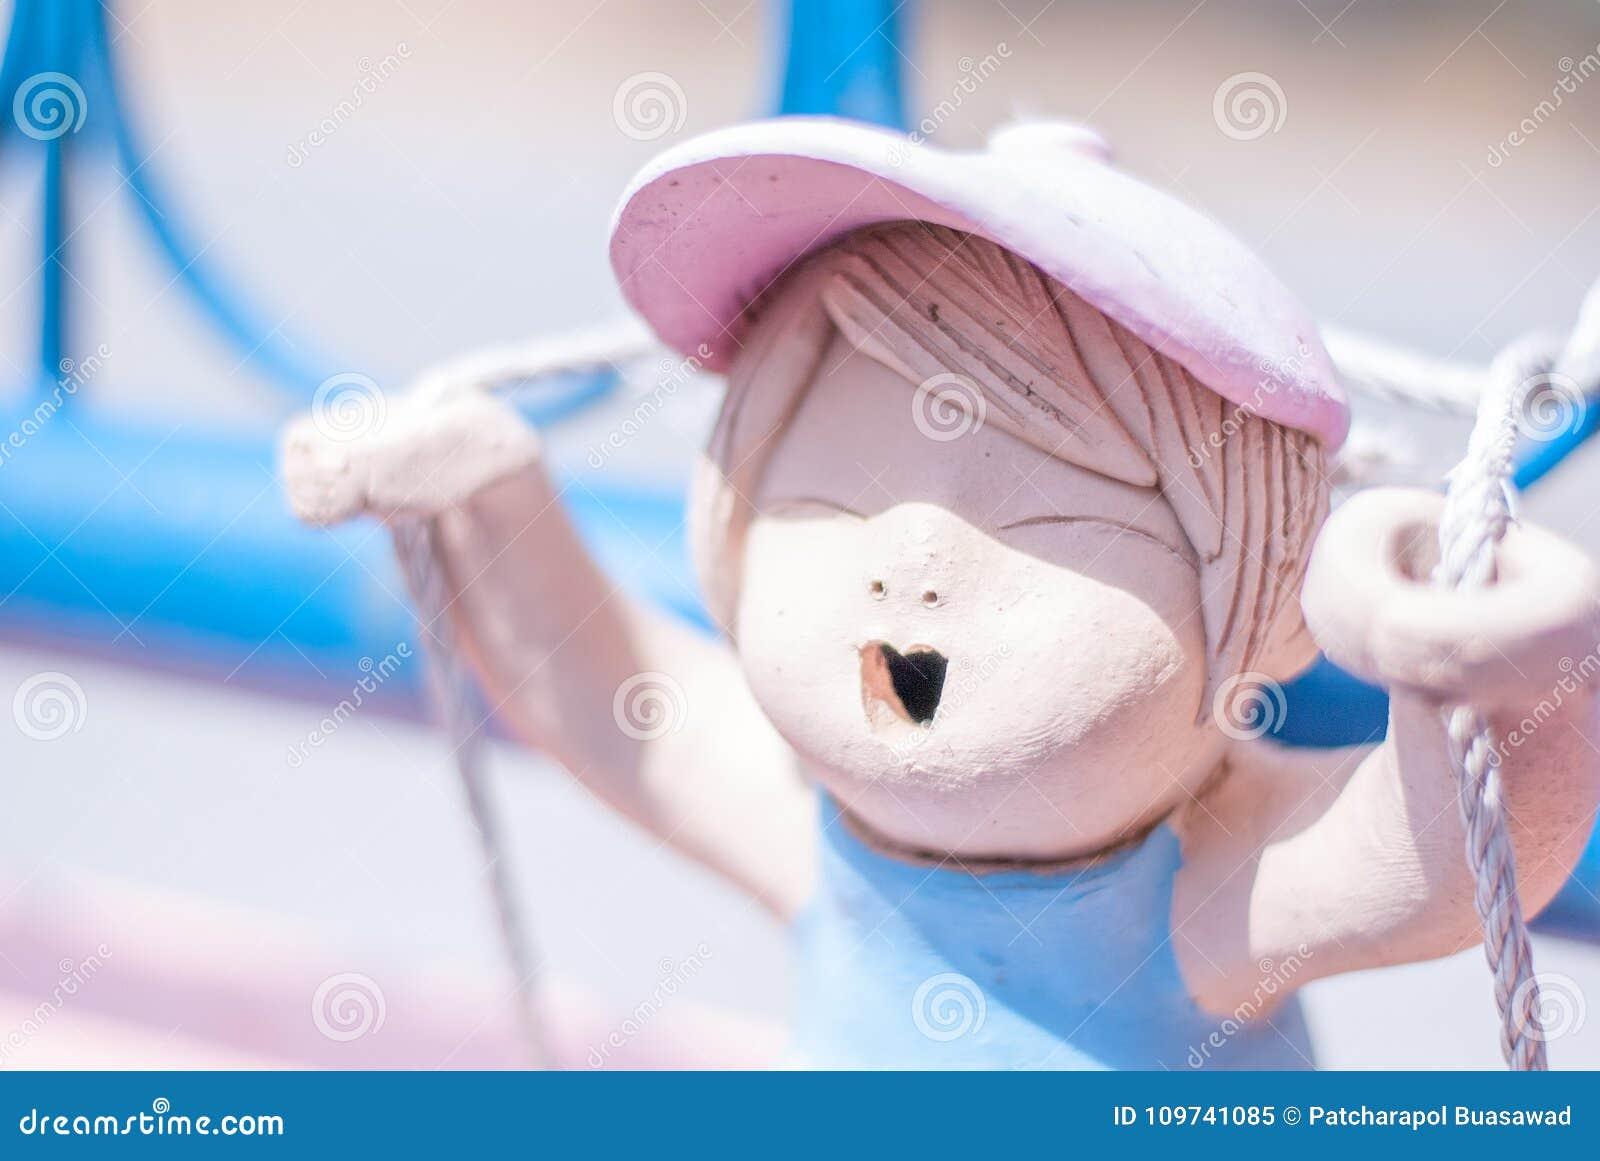 Nette rosa keramische Mädchenpuppe spielt Seilschwingen auf dem Blau ich